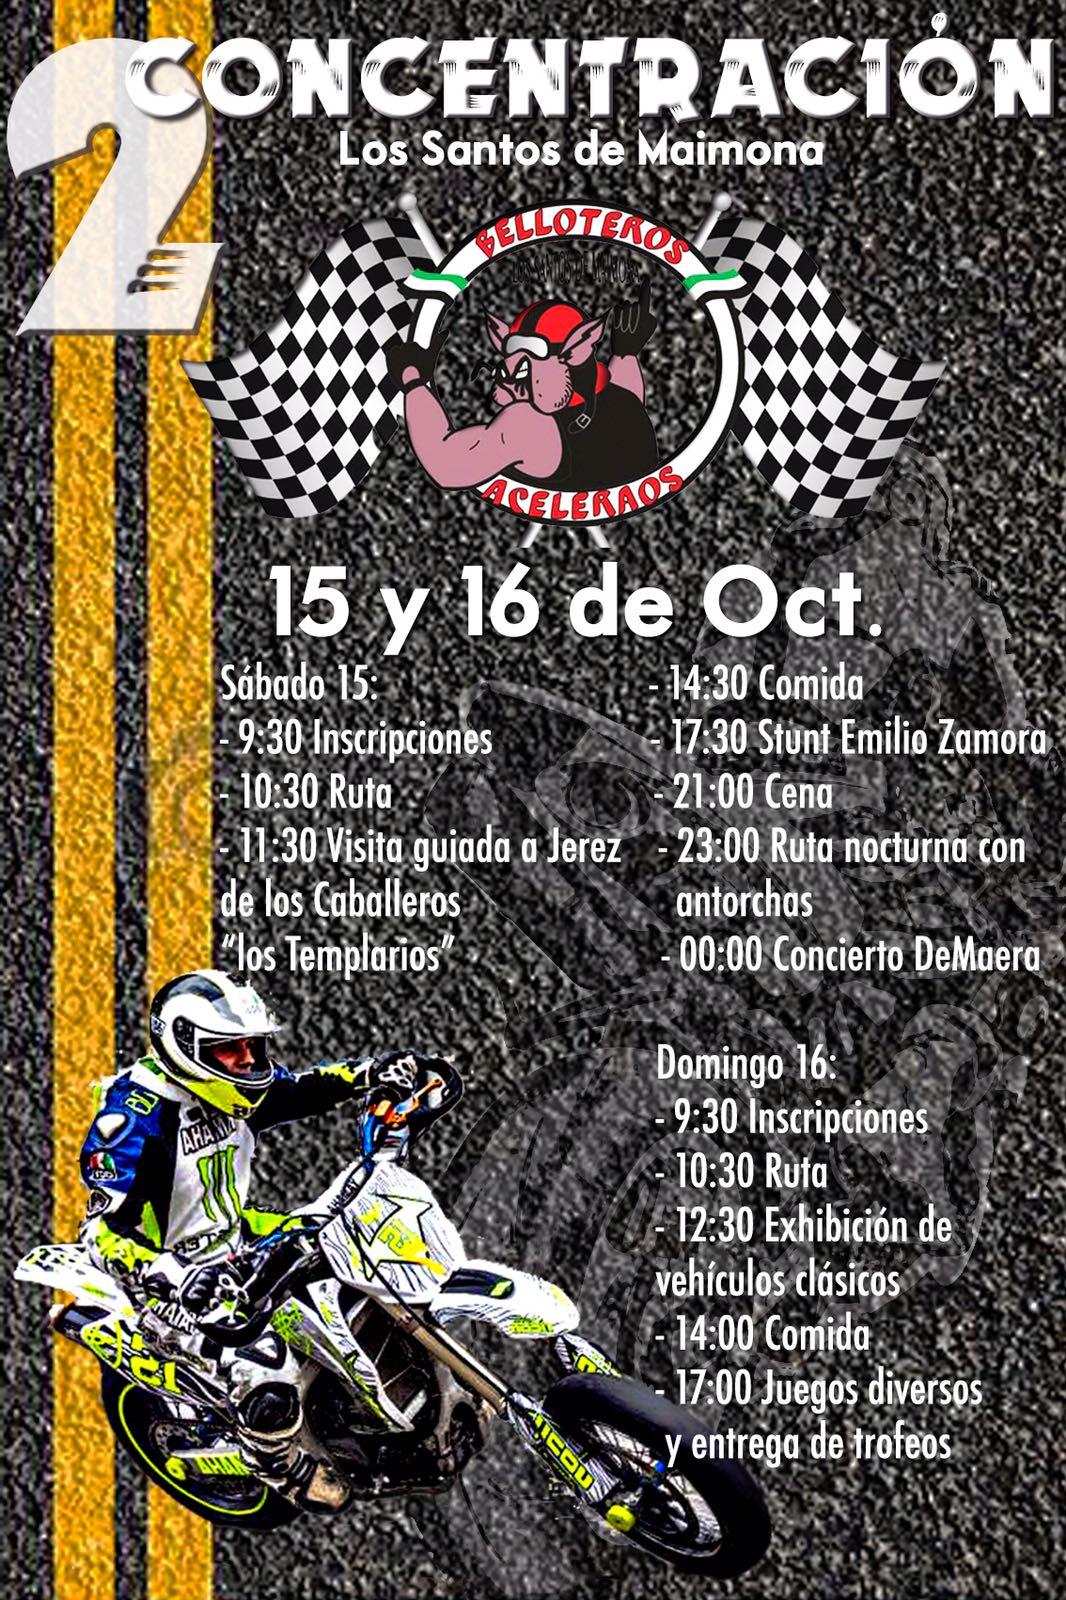 concentracion_motera_los_santos_de_maimona_belloteros_aceleraos_motoclub_emilio_zamora_ducati_stunt_team_motor_show_2016